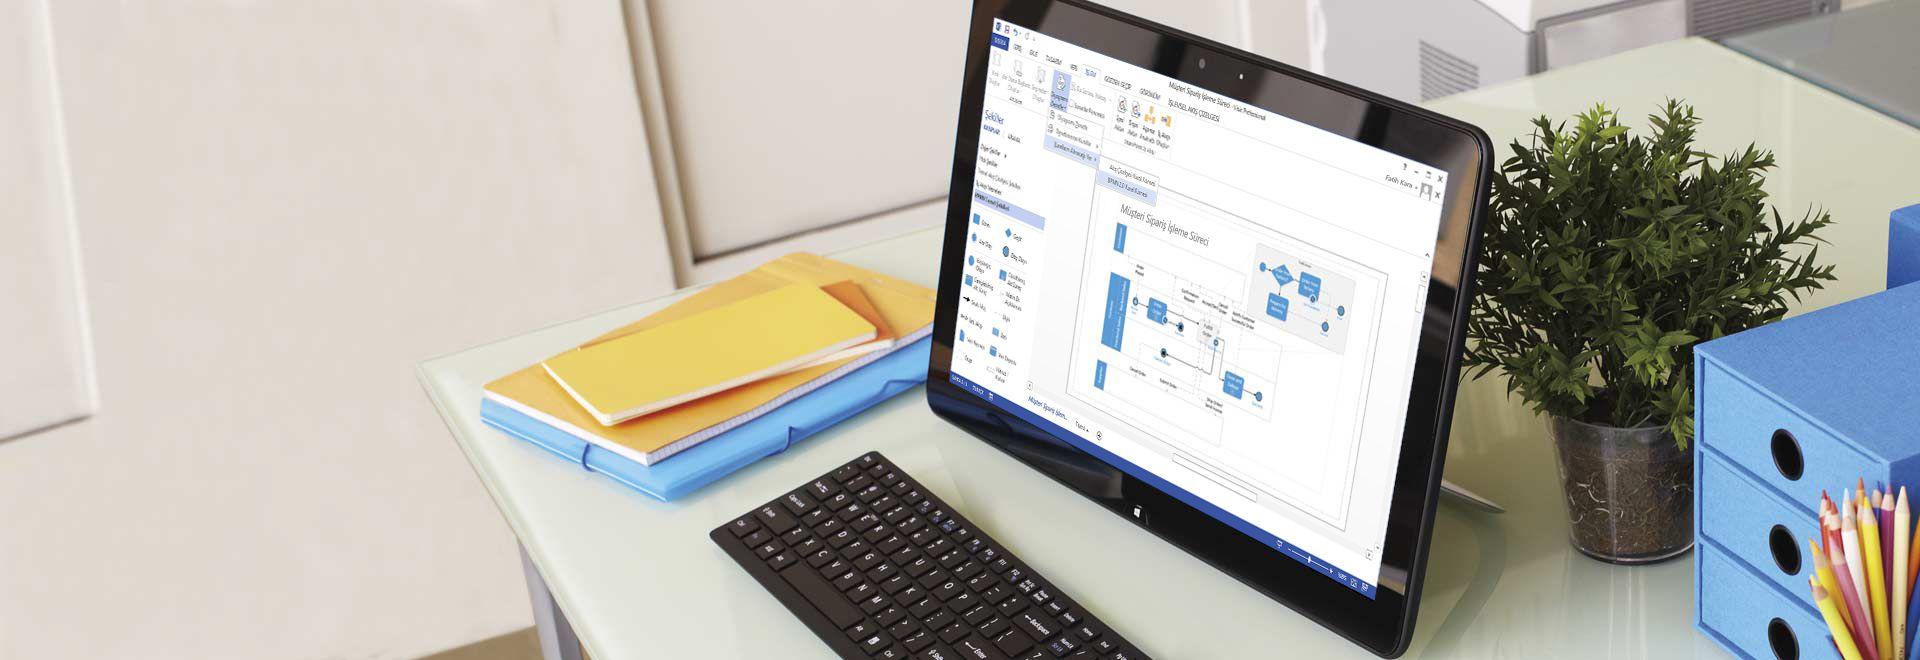 Visio Professional 2016'daki bir süreç diyagramını gösteren tablet bilgisayarın bulunduğu masa resmi